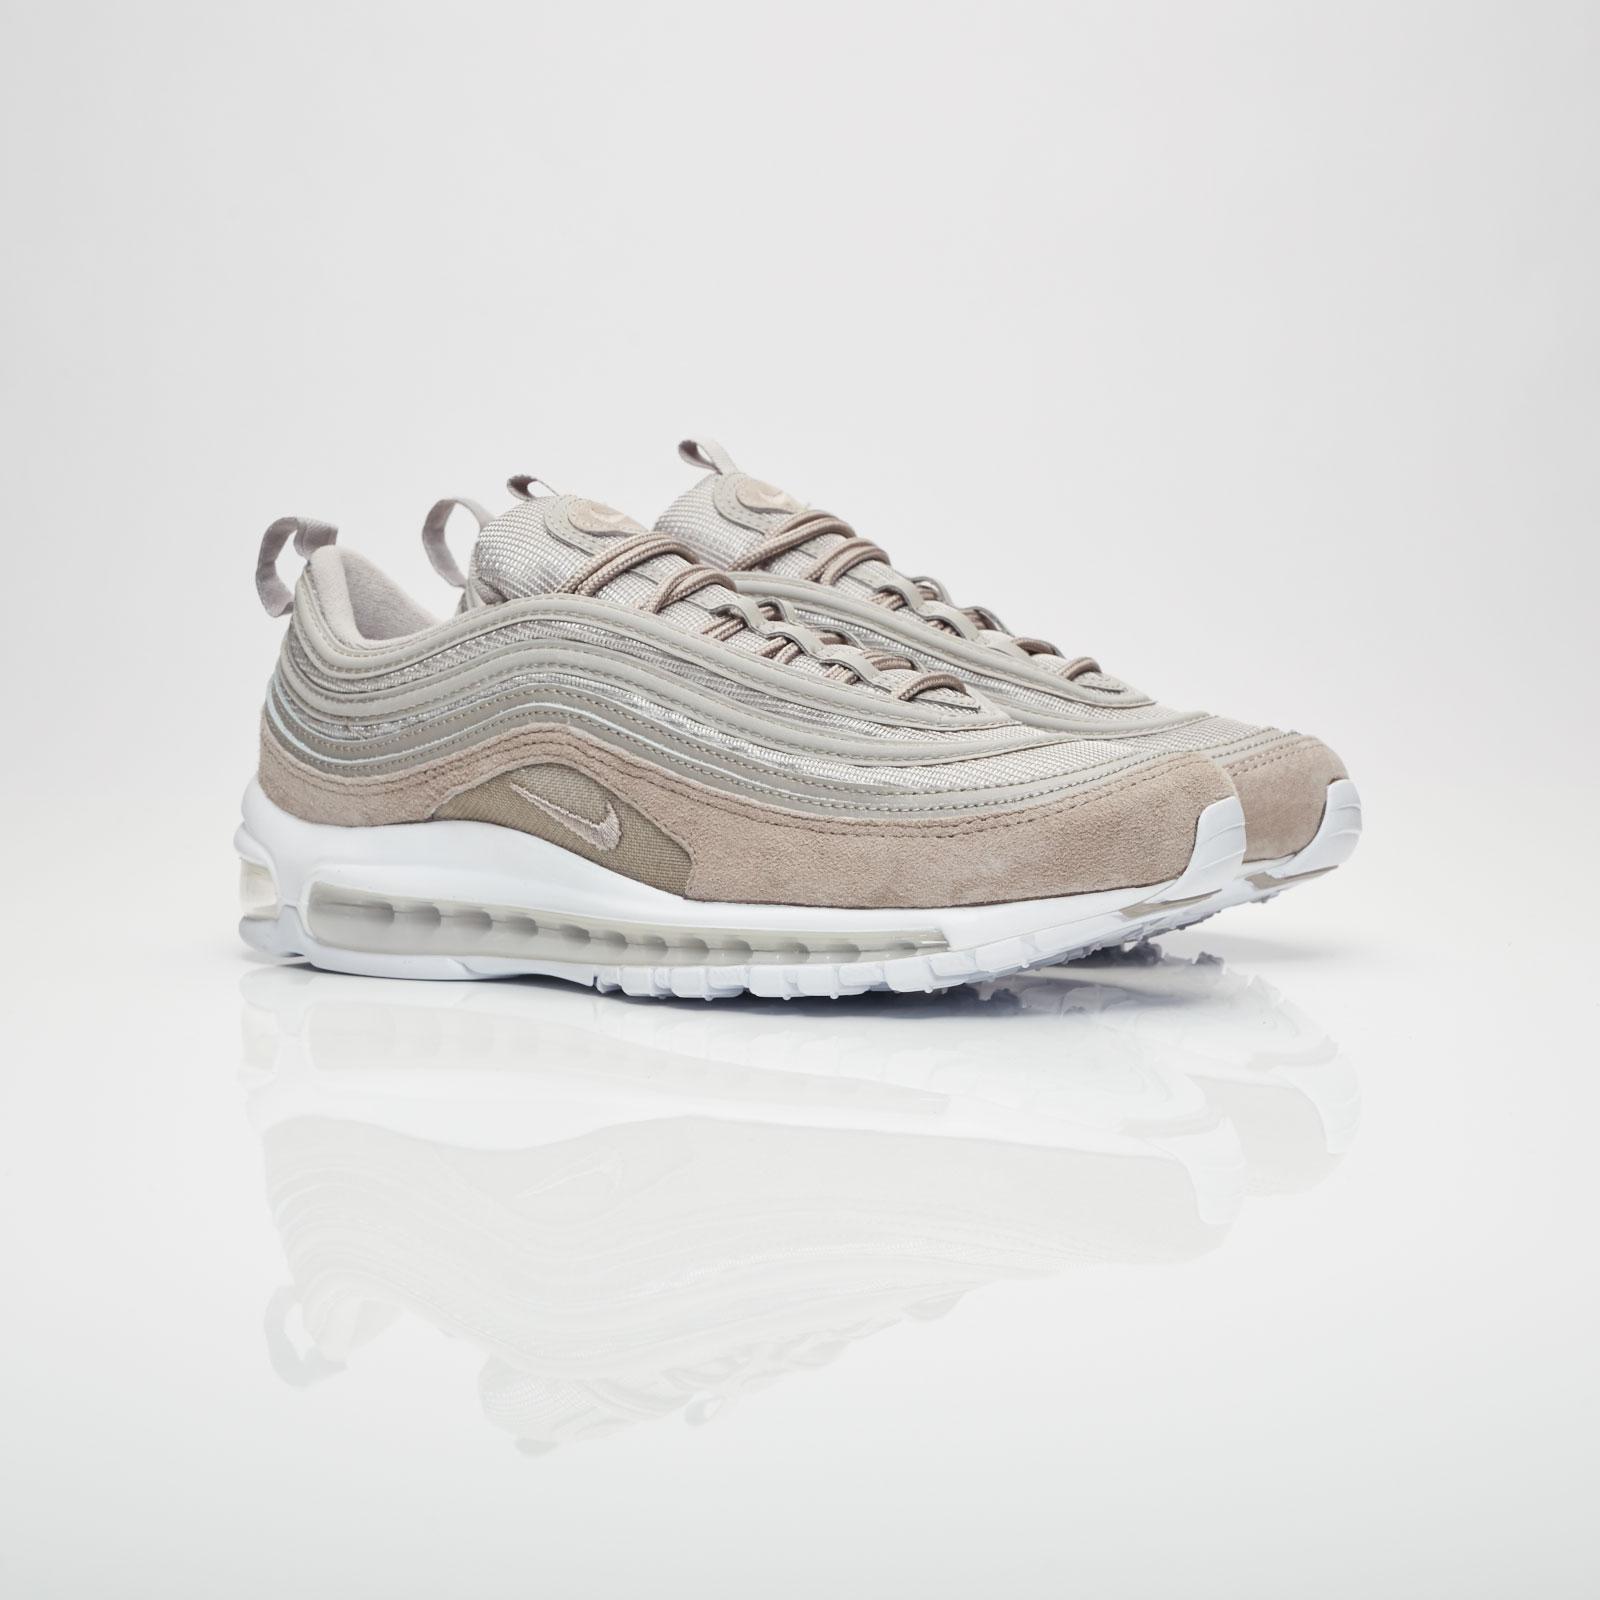 Nike Air Max 97 921826 002 Sneakersnstuff | sneakers